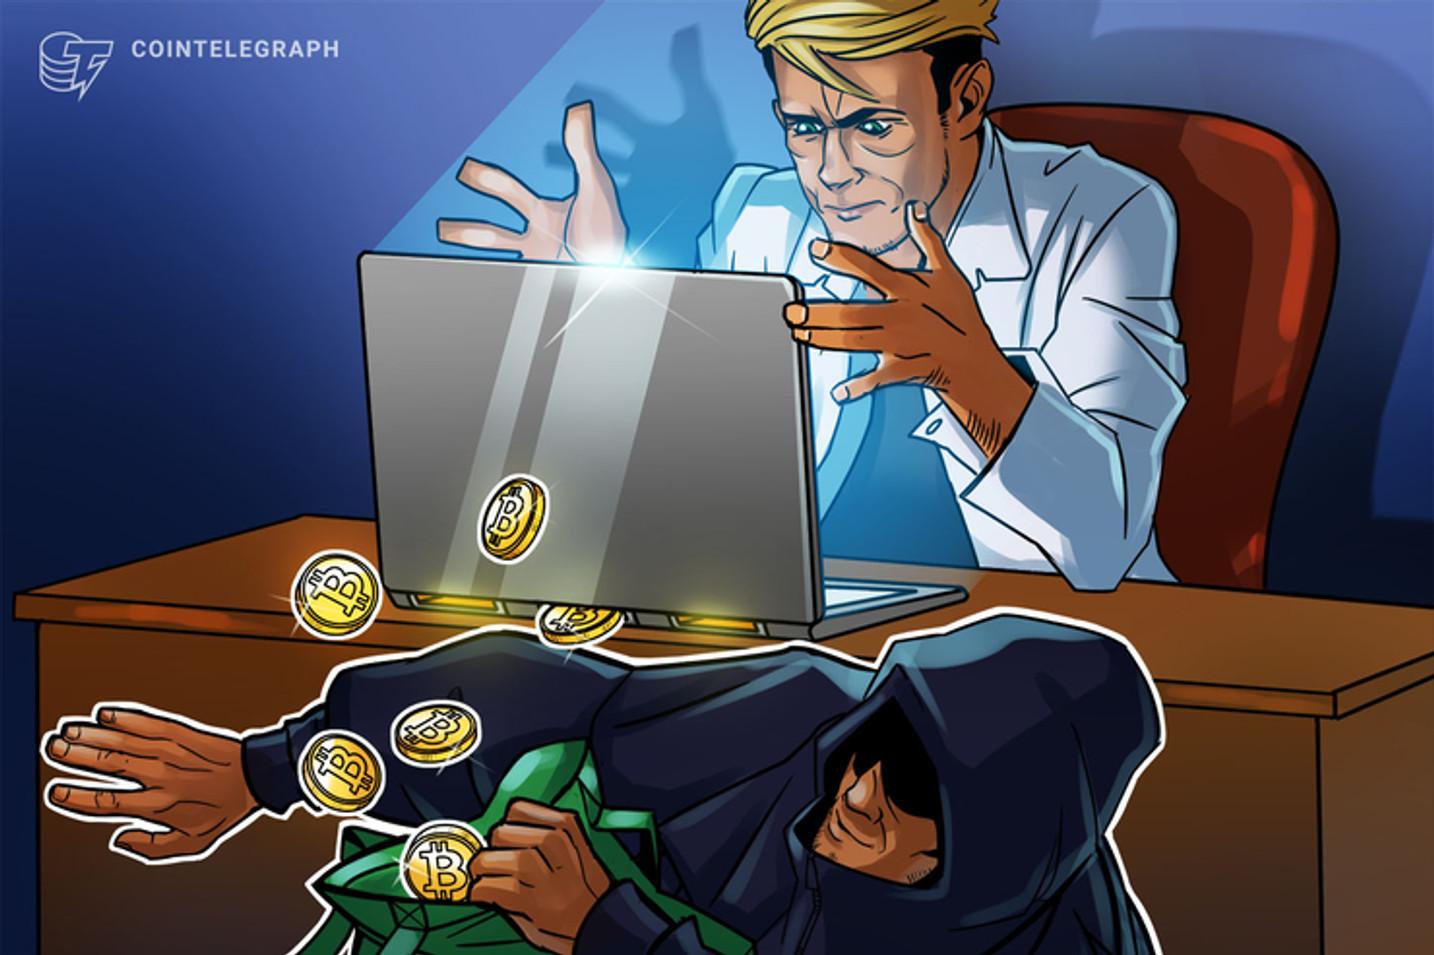 ArbCrypto, que tem o pentacampeão Cafu como embaixador, atrasa saques e é investigada pela Polícia